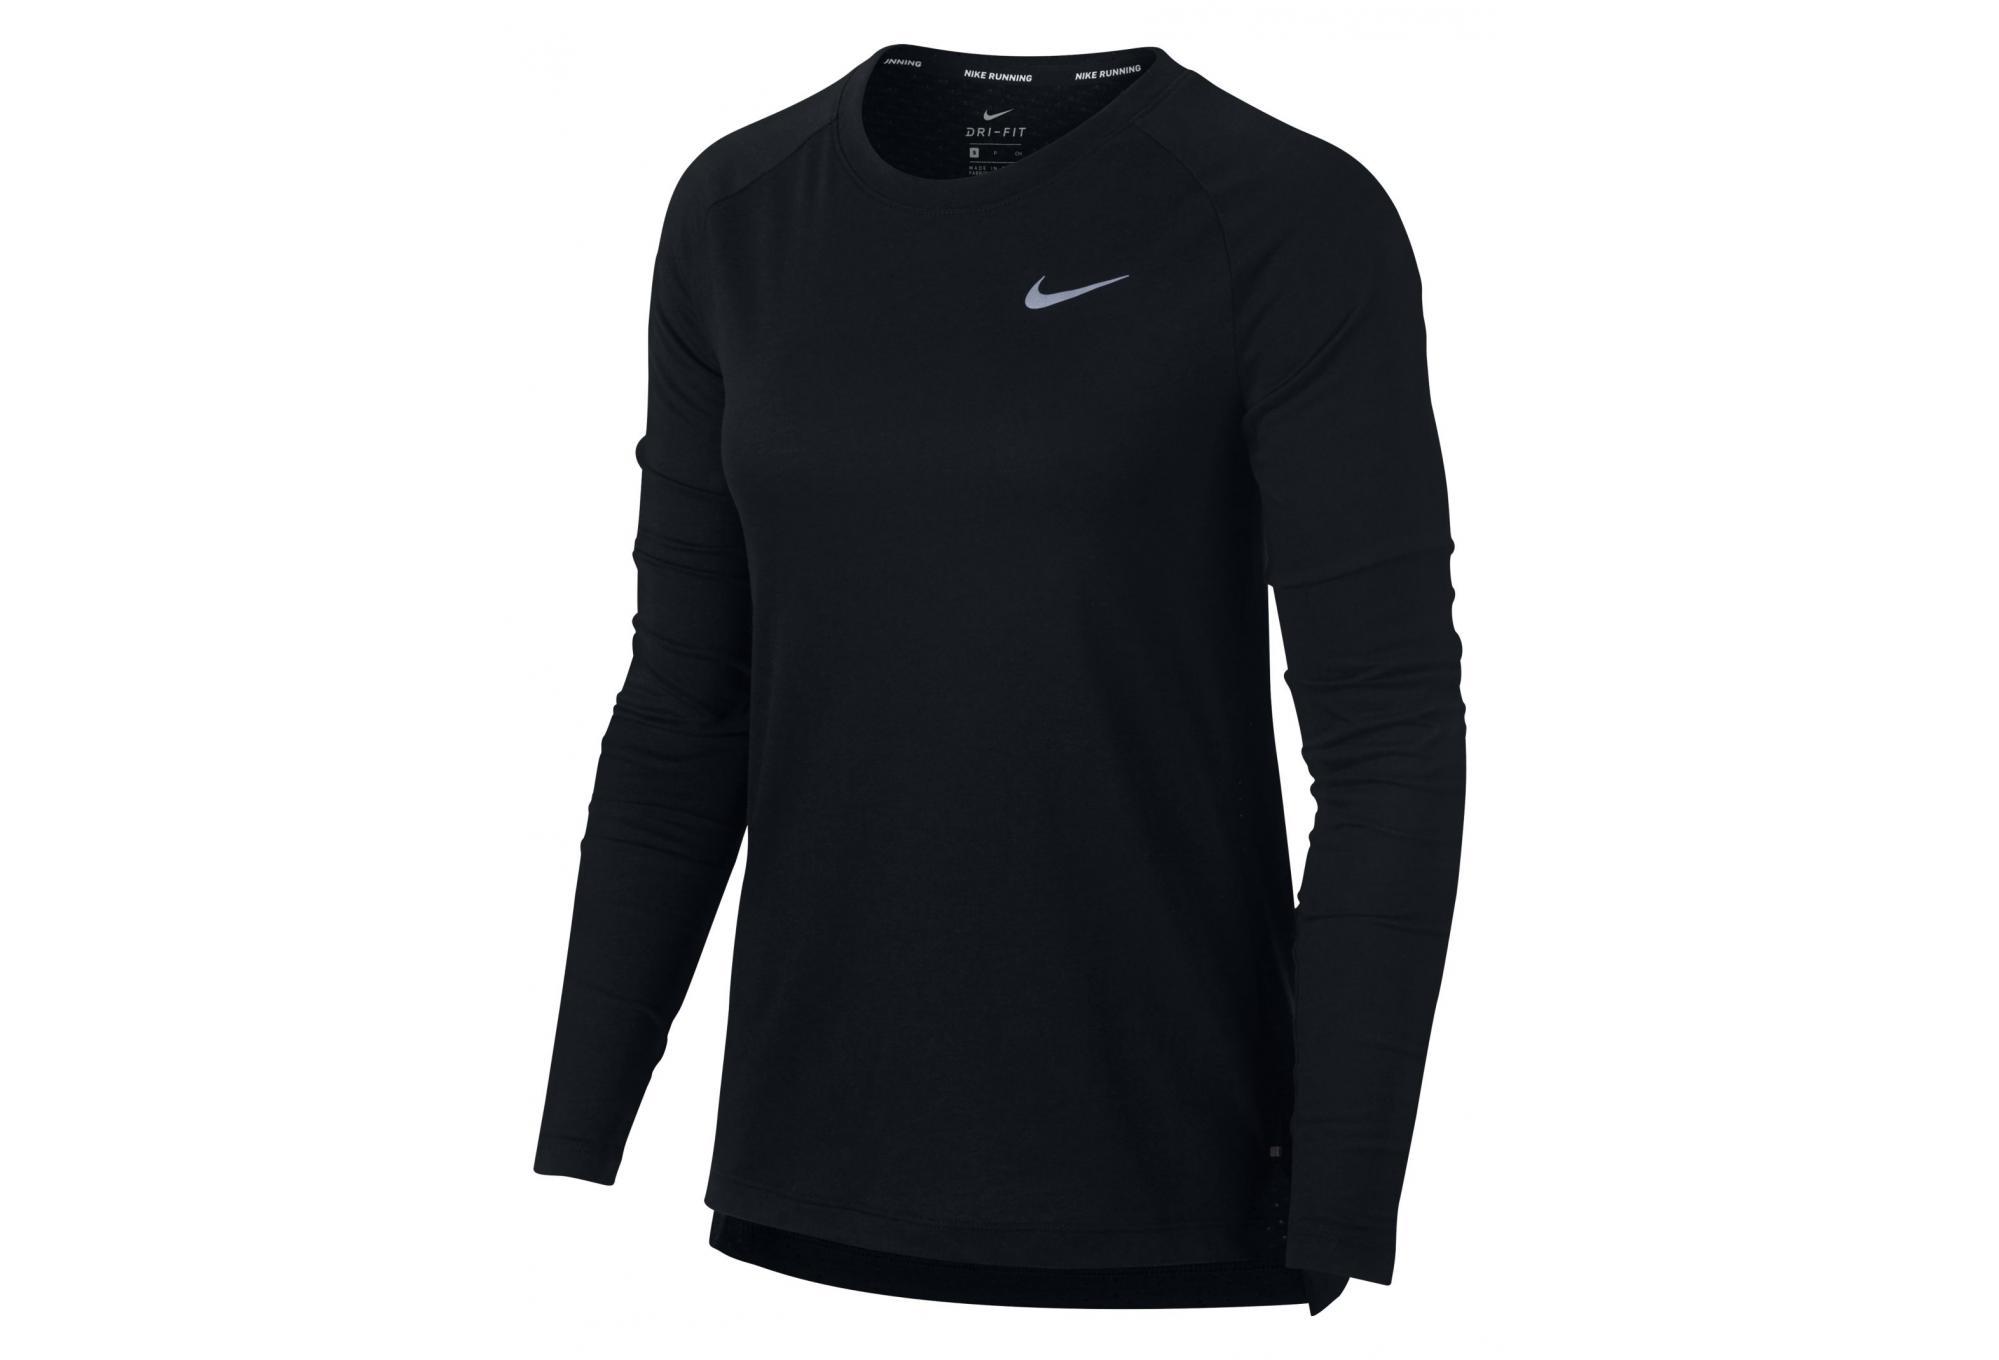 01eed8e02f3b93 Nike Tailwind Women's Long Sleeves Jersey Black | Alltricks.com